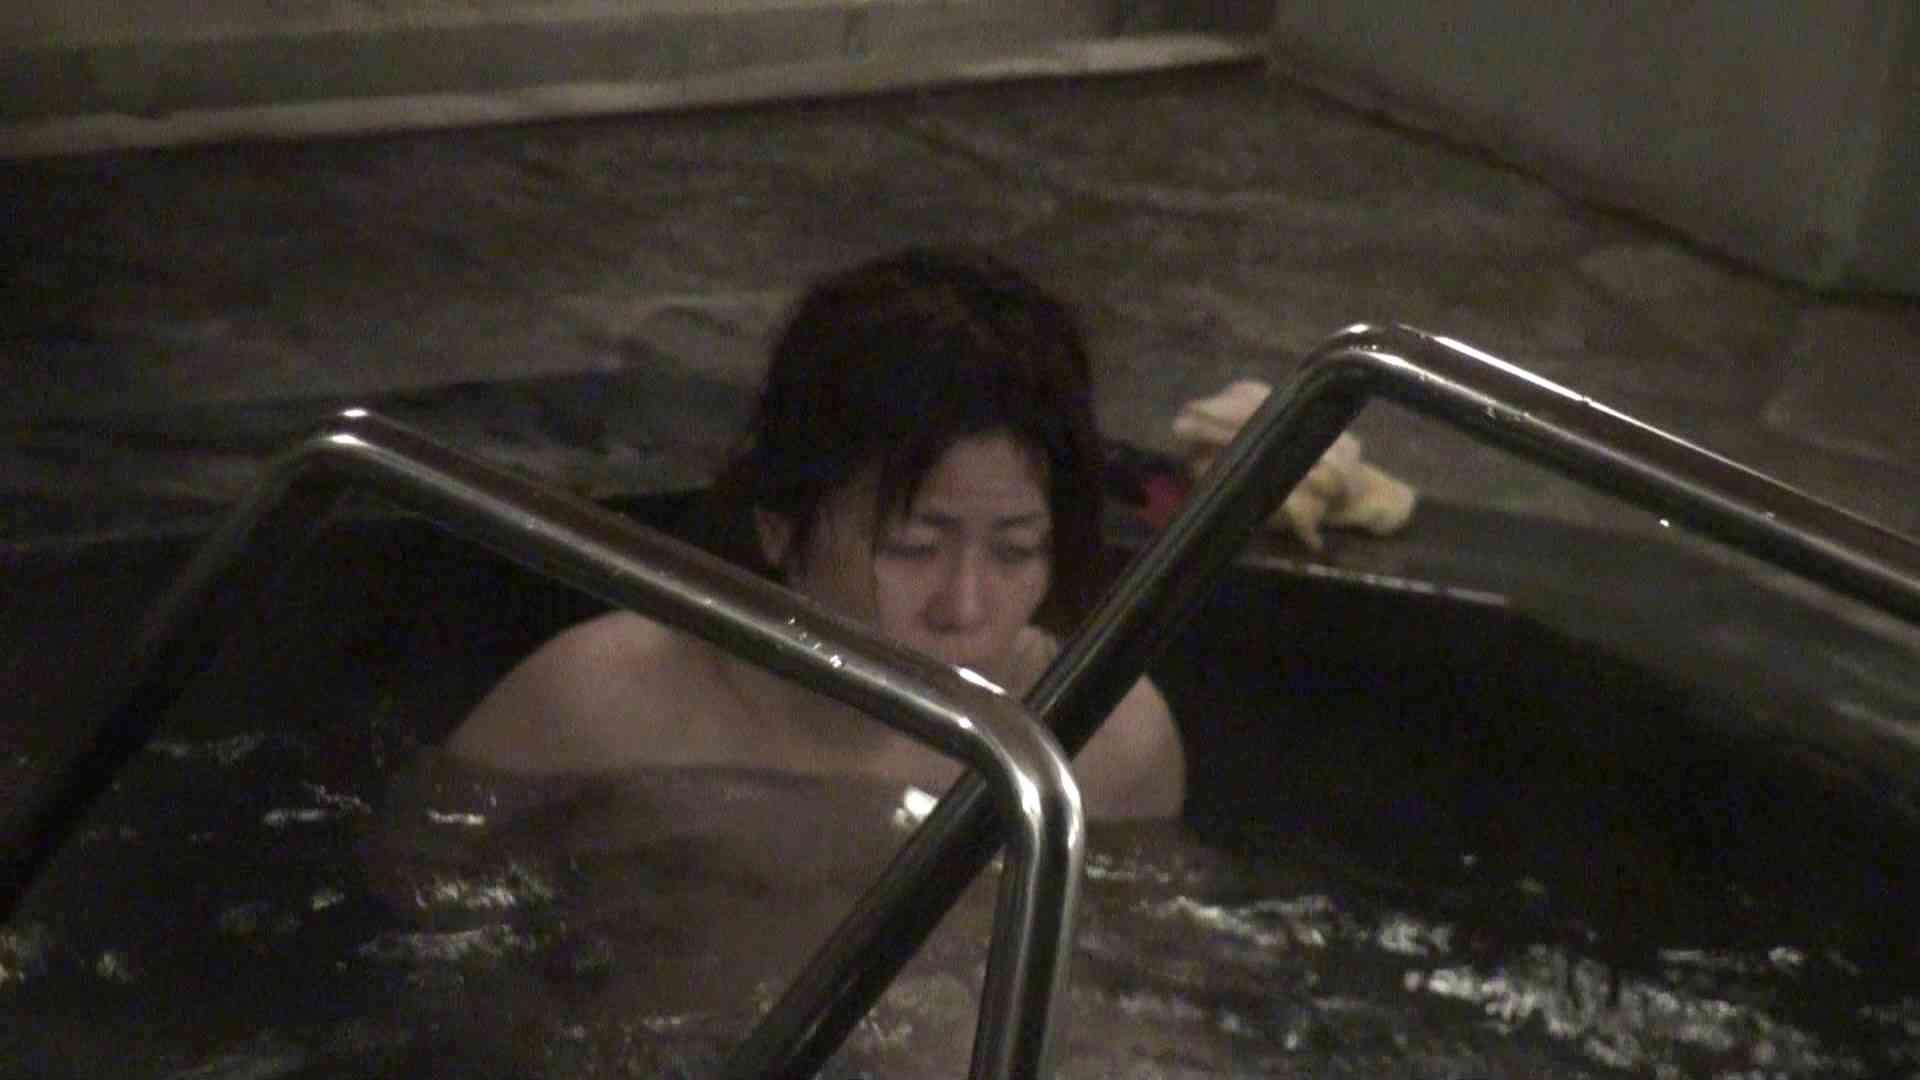 Aquaな露天風呂Vol.433 盗撮師作品 性交動画流出 77pic 74